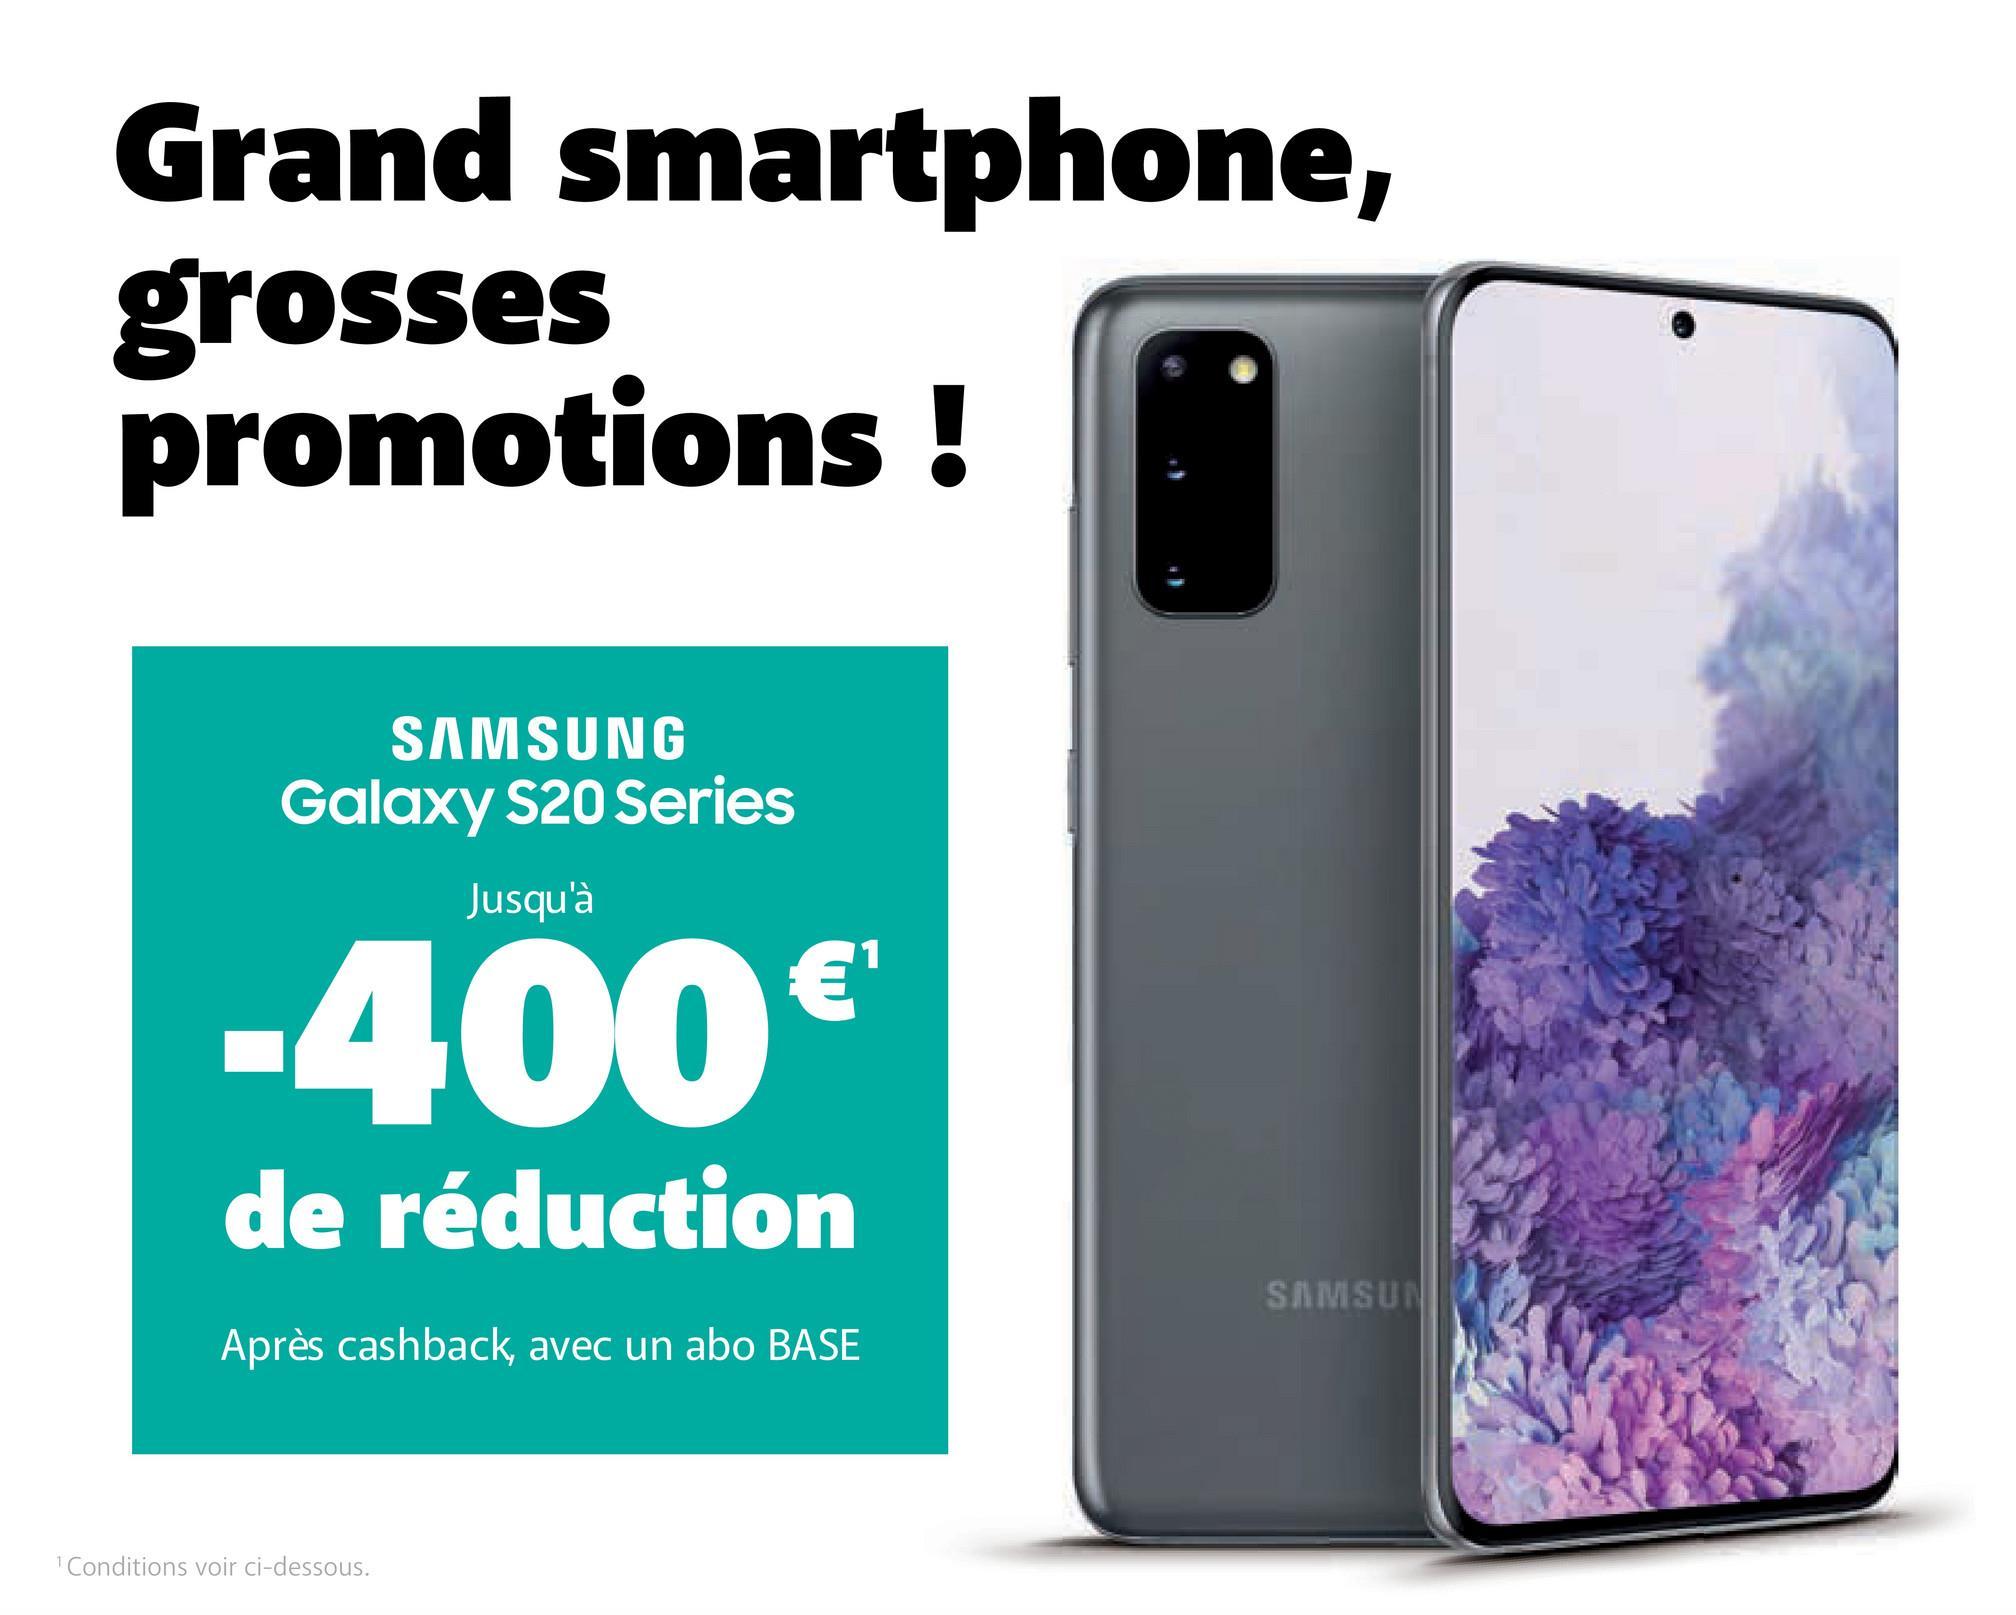 Grand smartphone, grosses promotions ! SAMSUNG Galaxy S20 Series Jusqu'à -400€ de réduction SAMSUN Après cashback, avec un abo BASE Conditions voir ci-dessous.